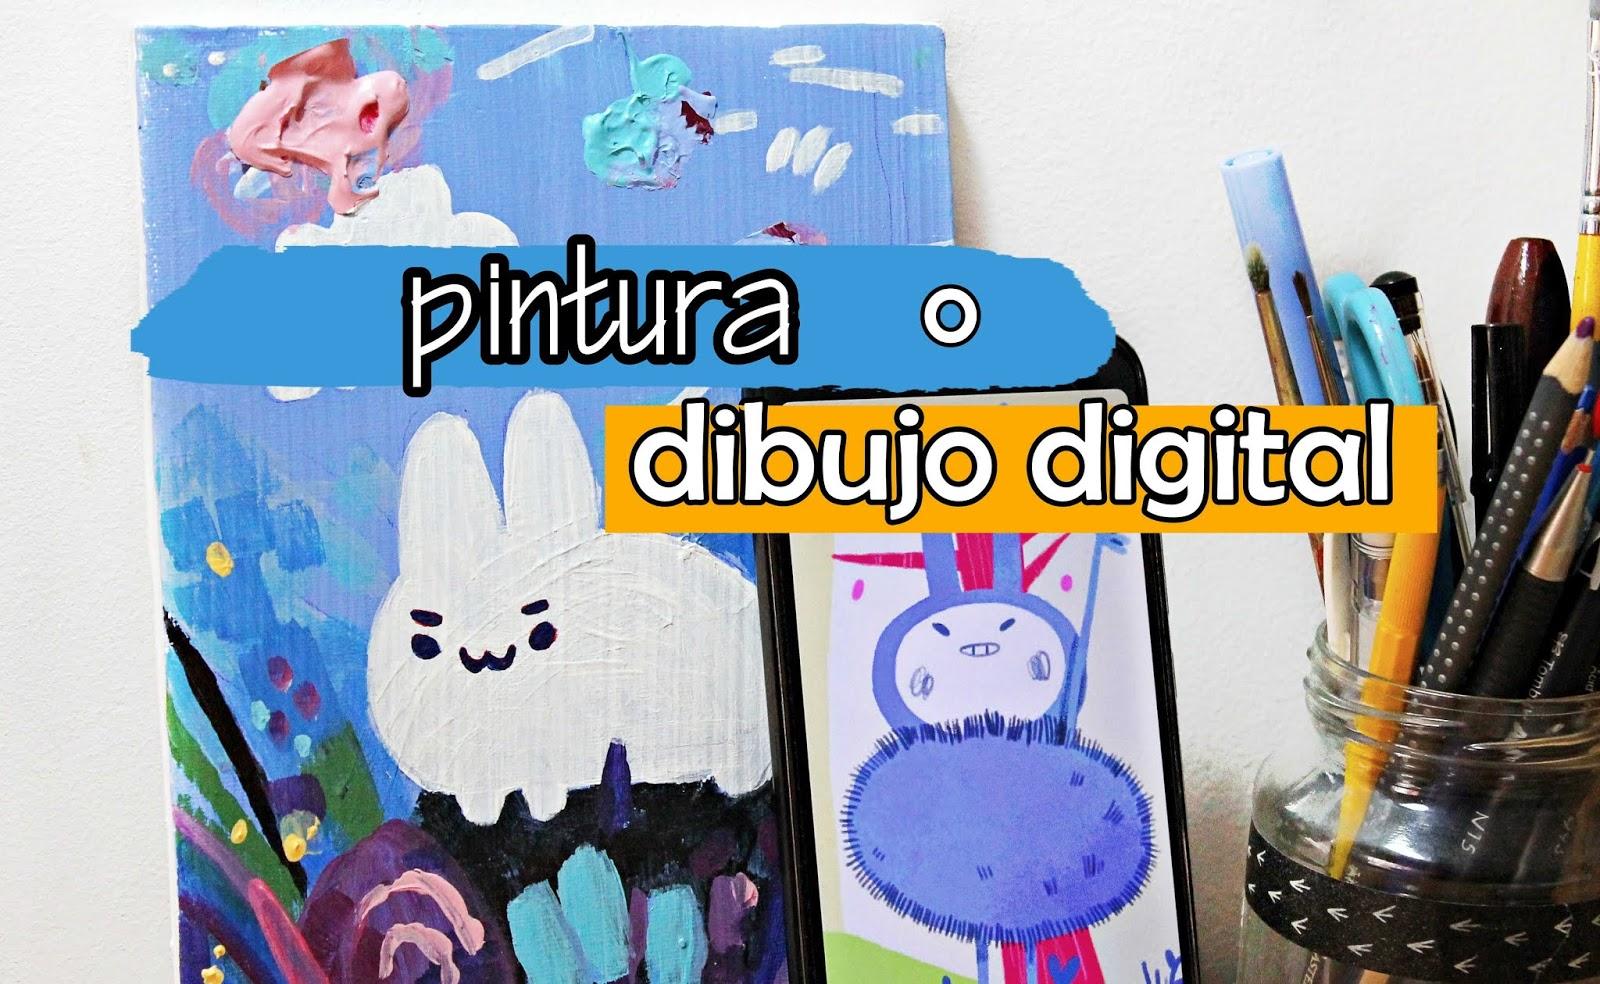 Mancha y píxel 🎨 Dibujo digital y pintura tradicional